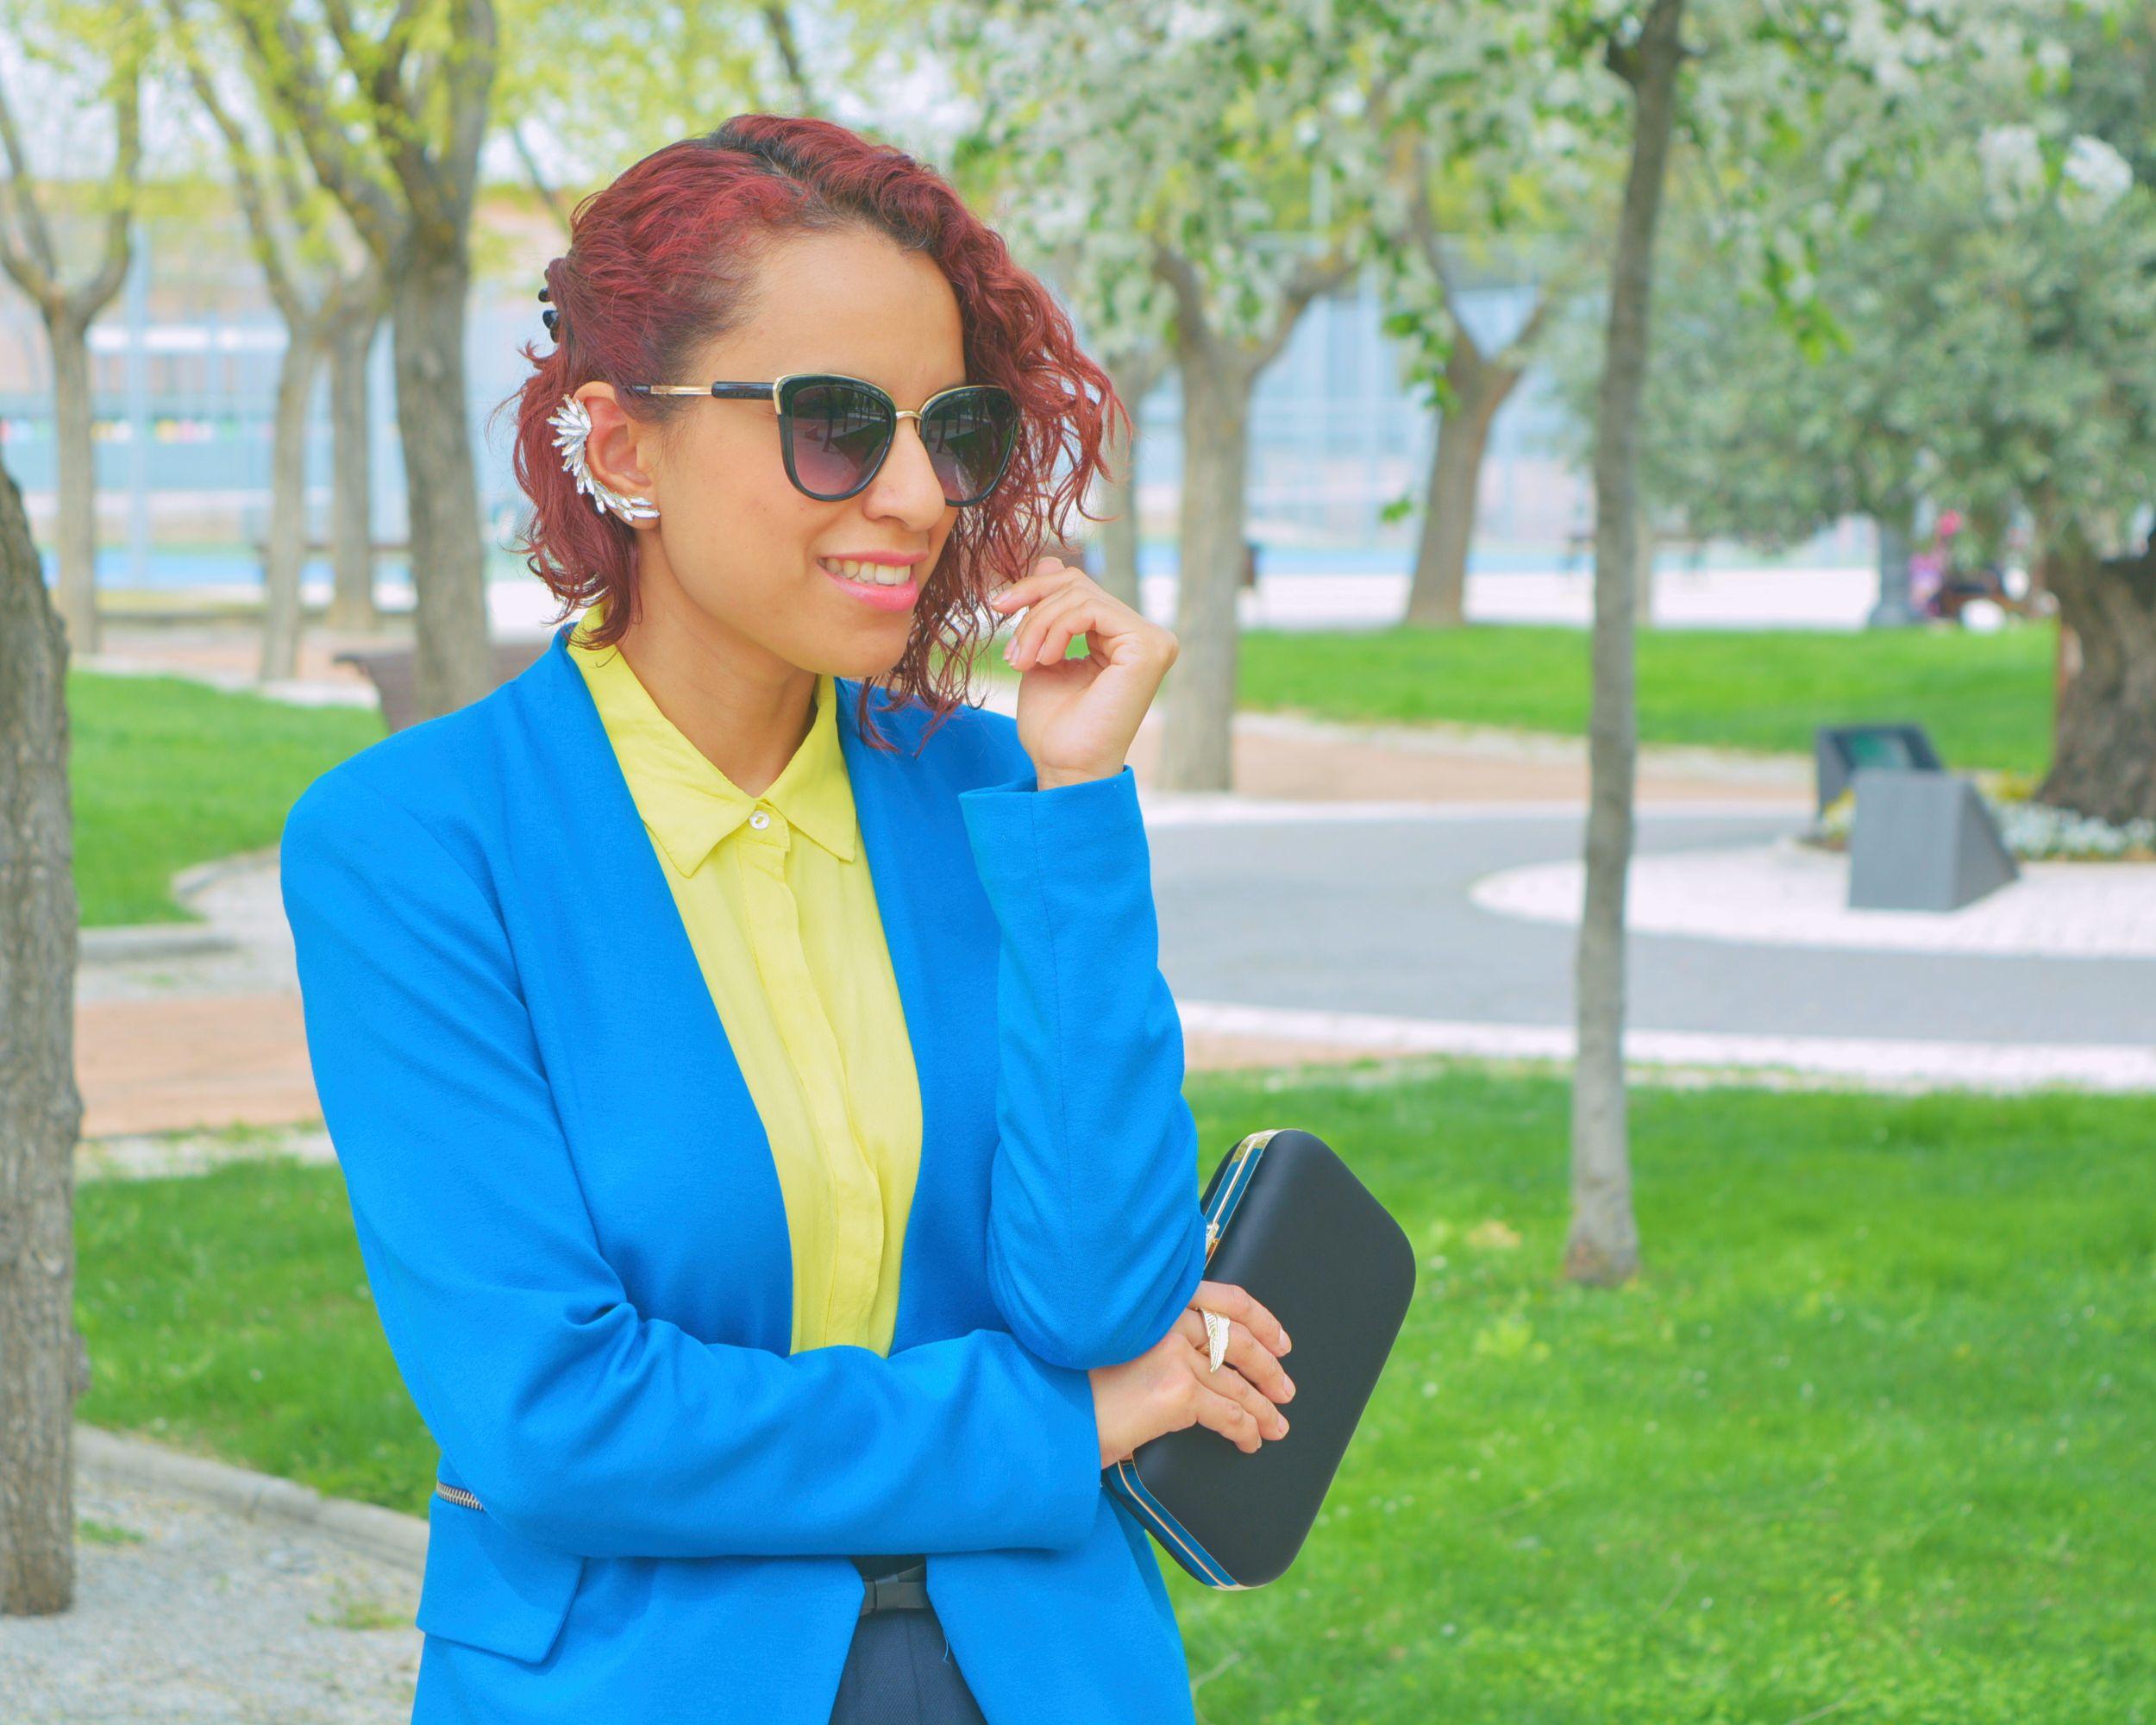 Cómo combinar colores alegres en un look formal